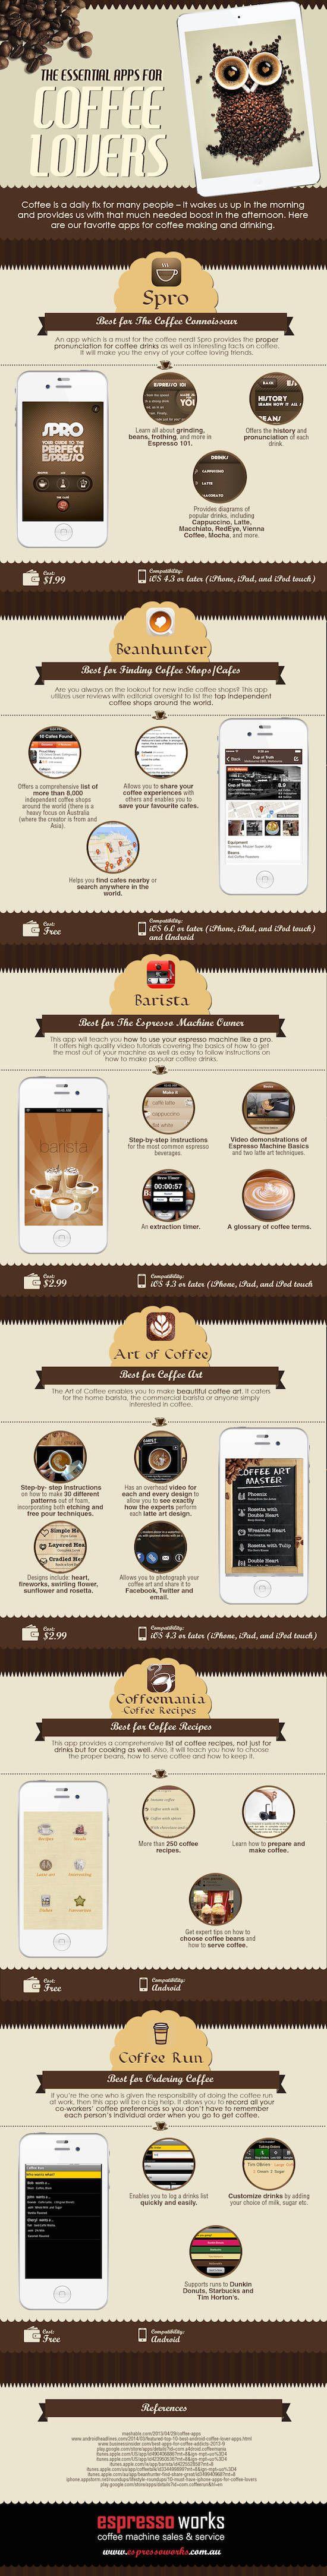 infografia-cafe-apps.jpg (550×4335)